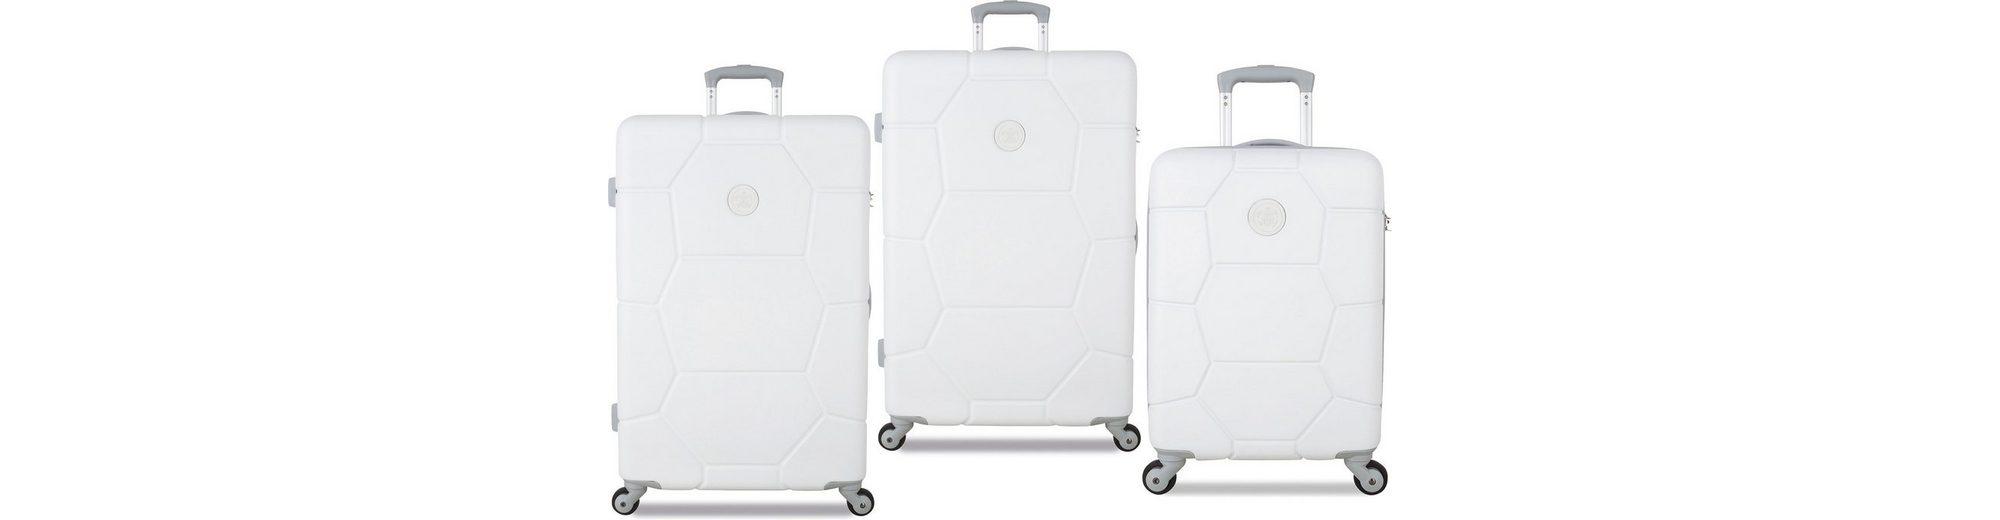 SUITSUIT® Hartschalentrolley Set mit 4 Rollen, 3-tlg., »Caretta Shell White«